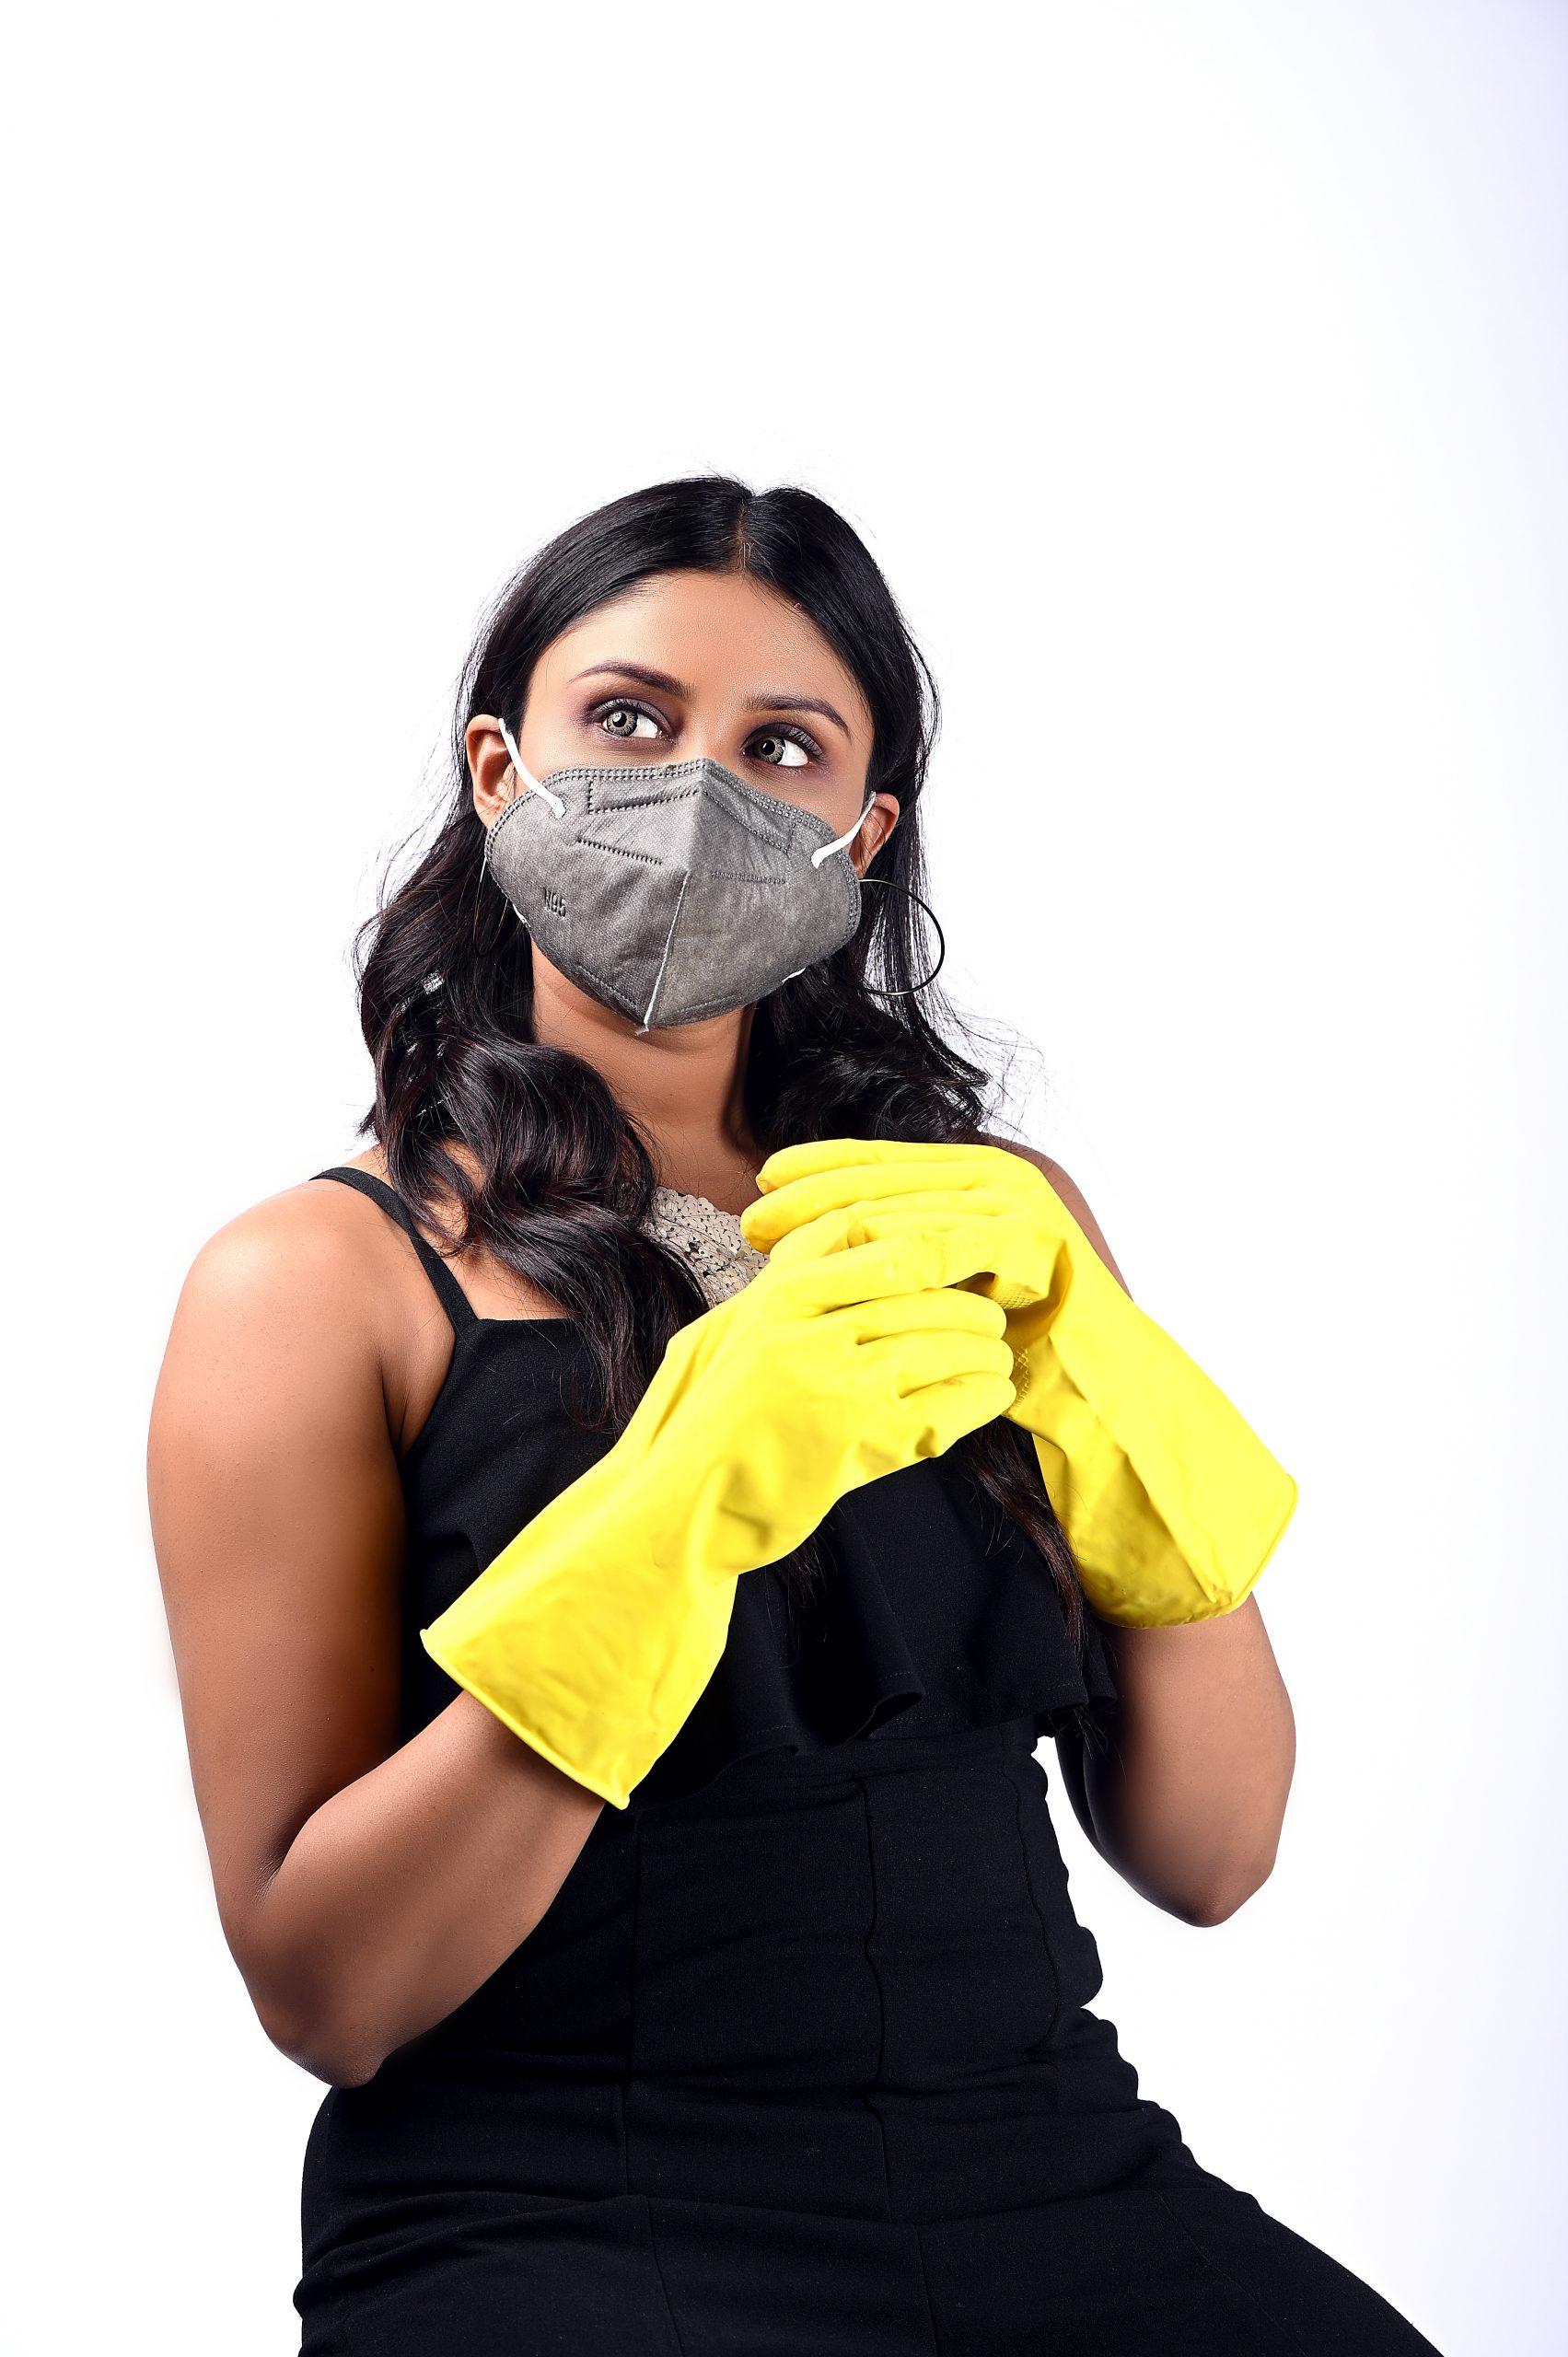 Girl posing in mask